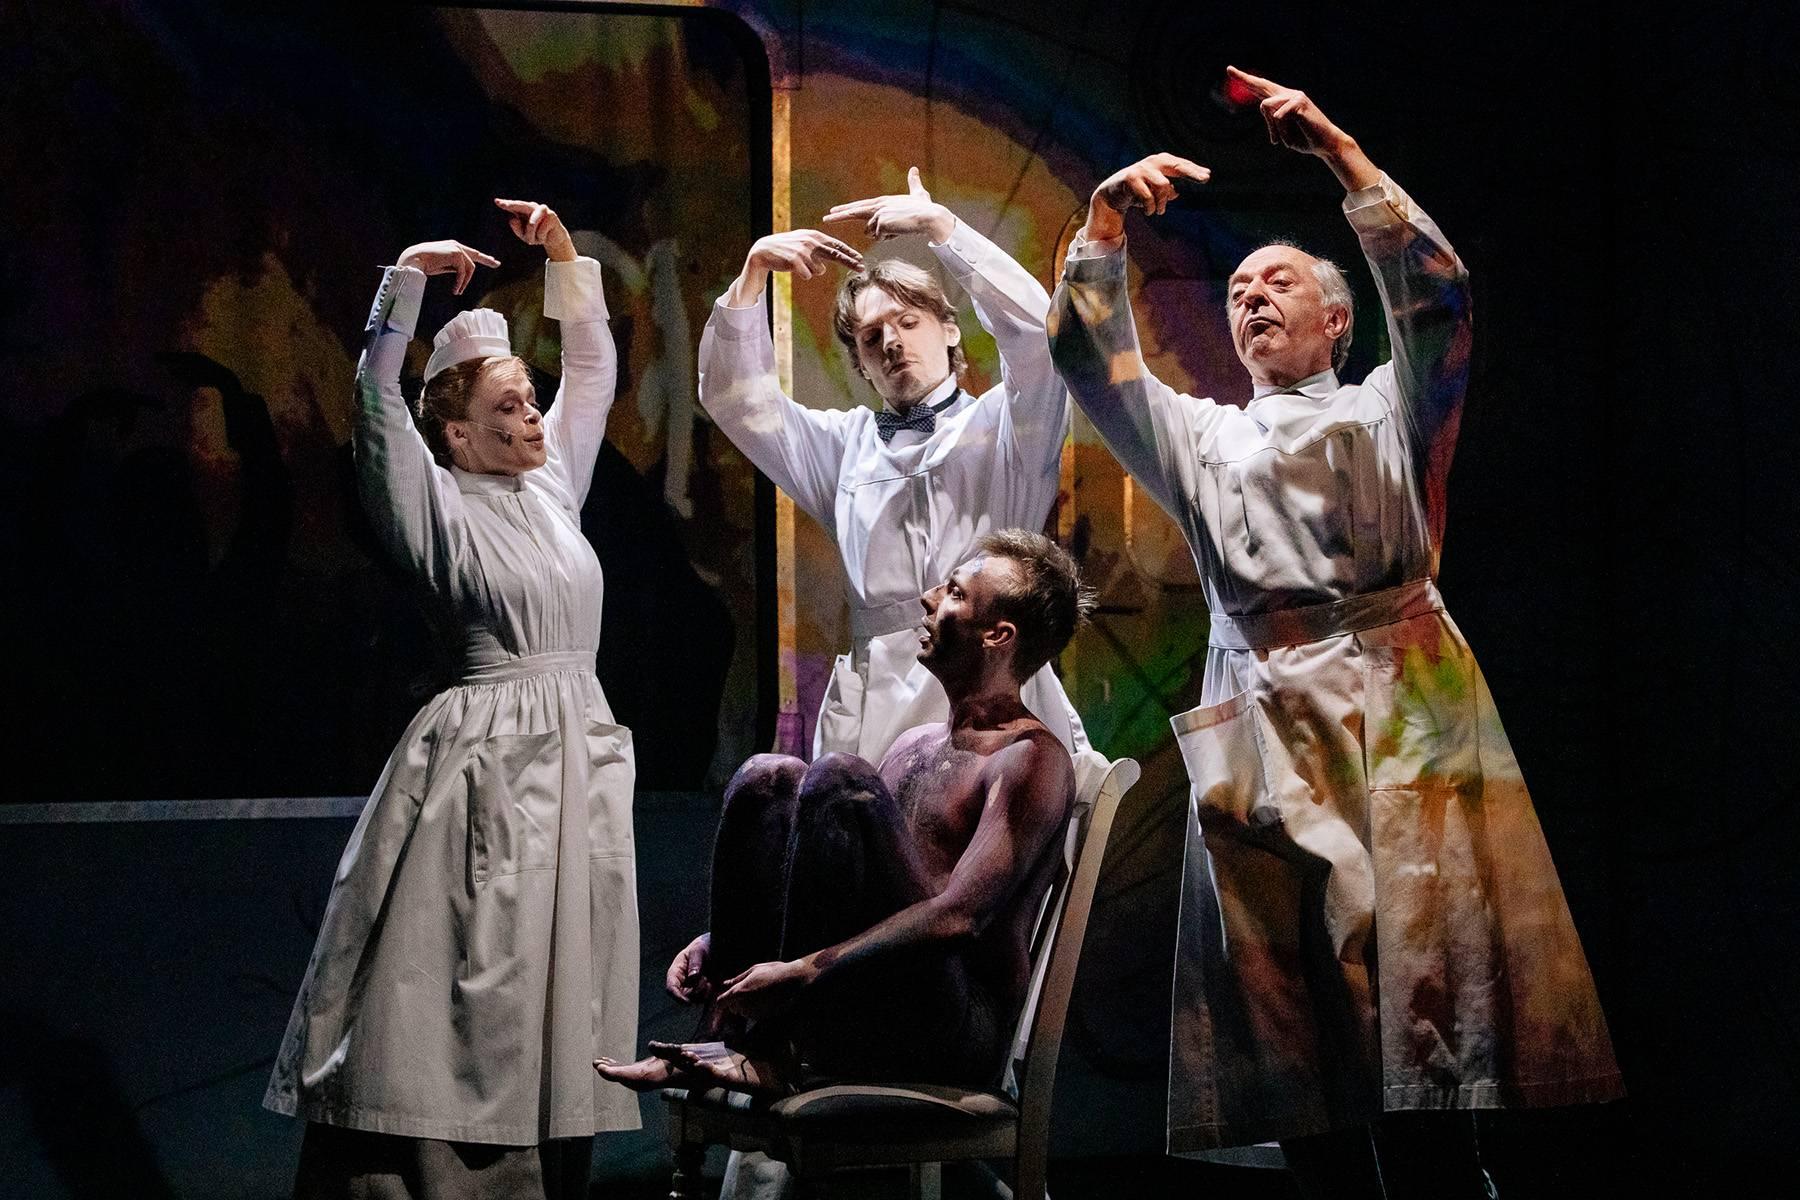 Фото: сайт Театра «Приют комедианта»